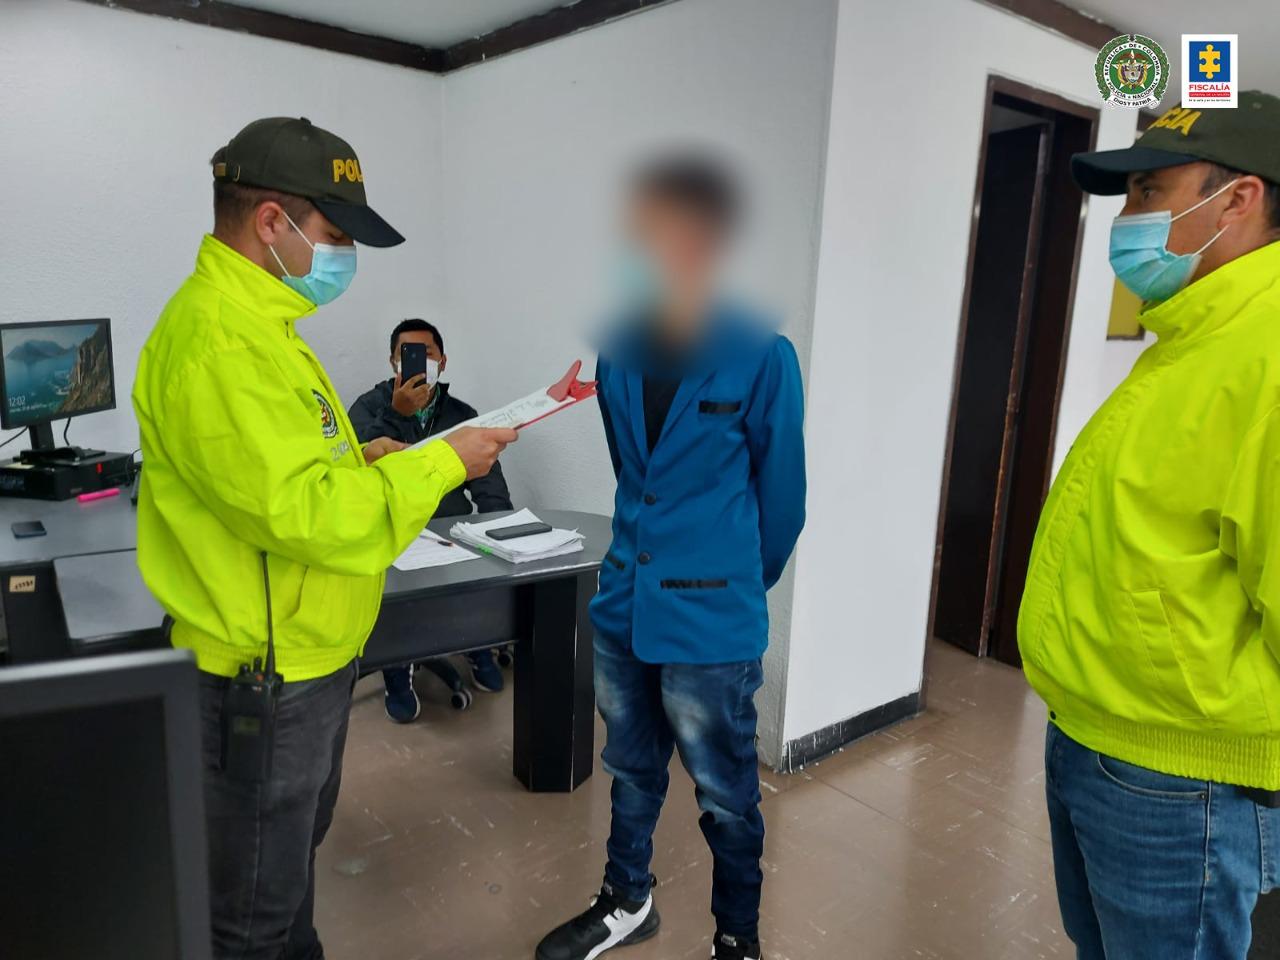 Cárcel para hombre que habría causado la muerte a su hijastro de 18 meses en Bogotá - Noticias de Colombia